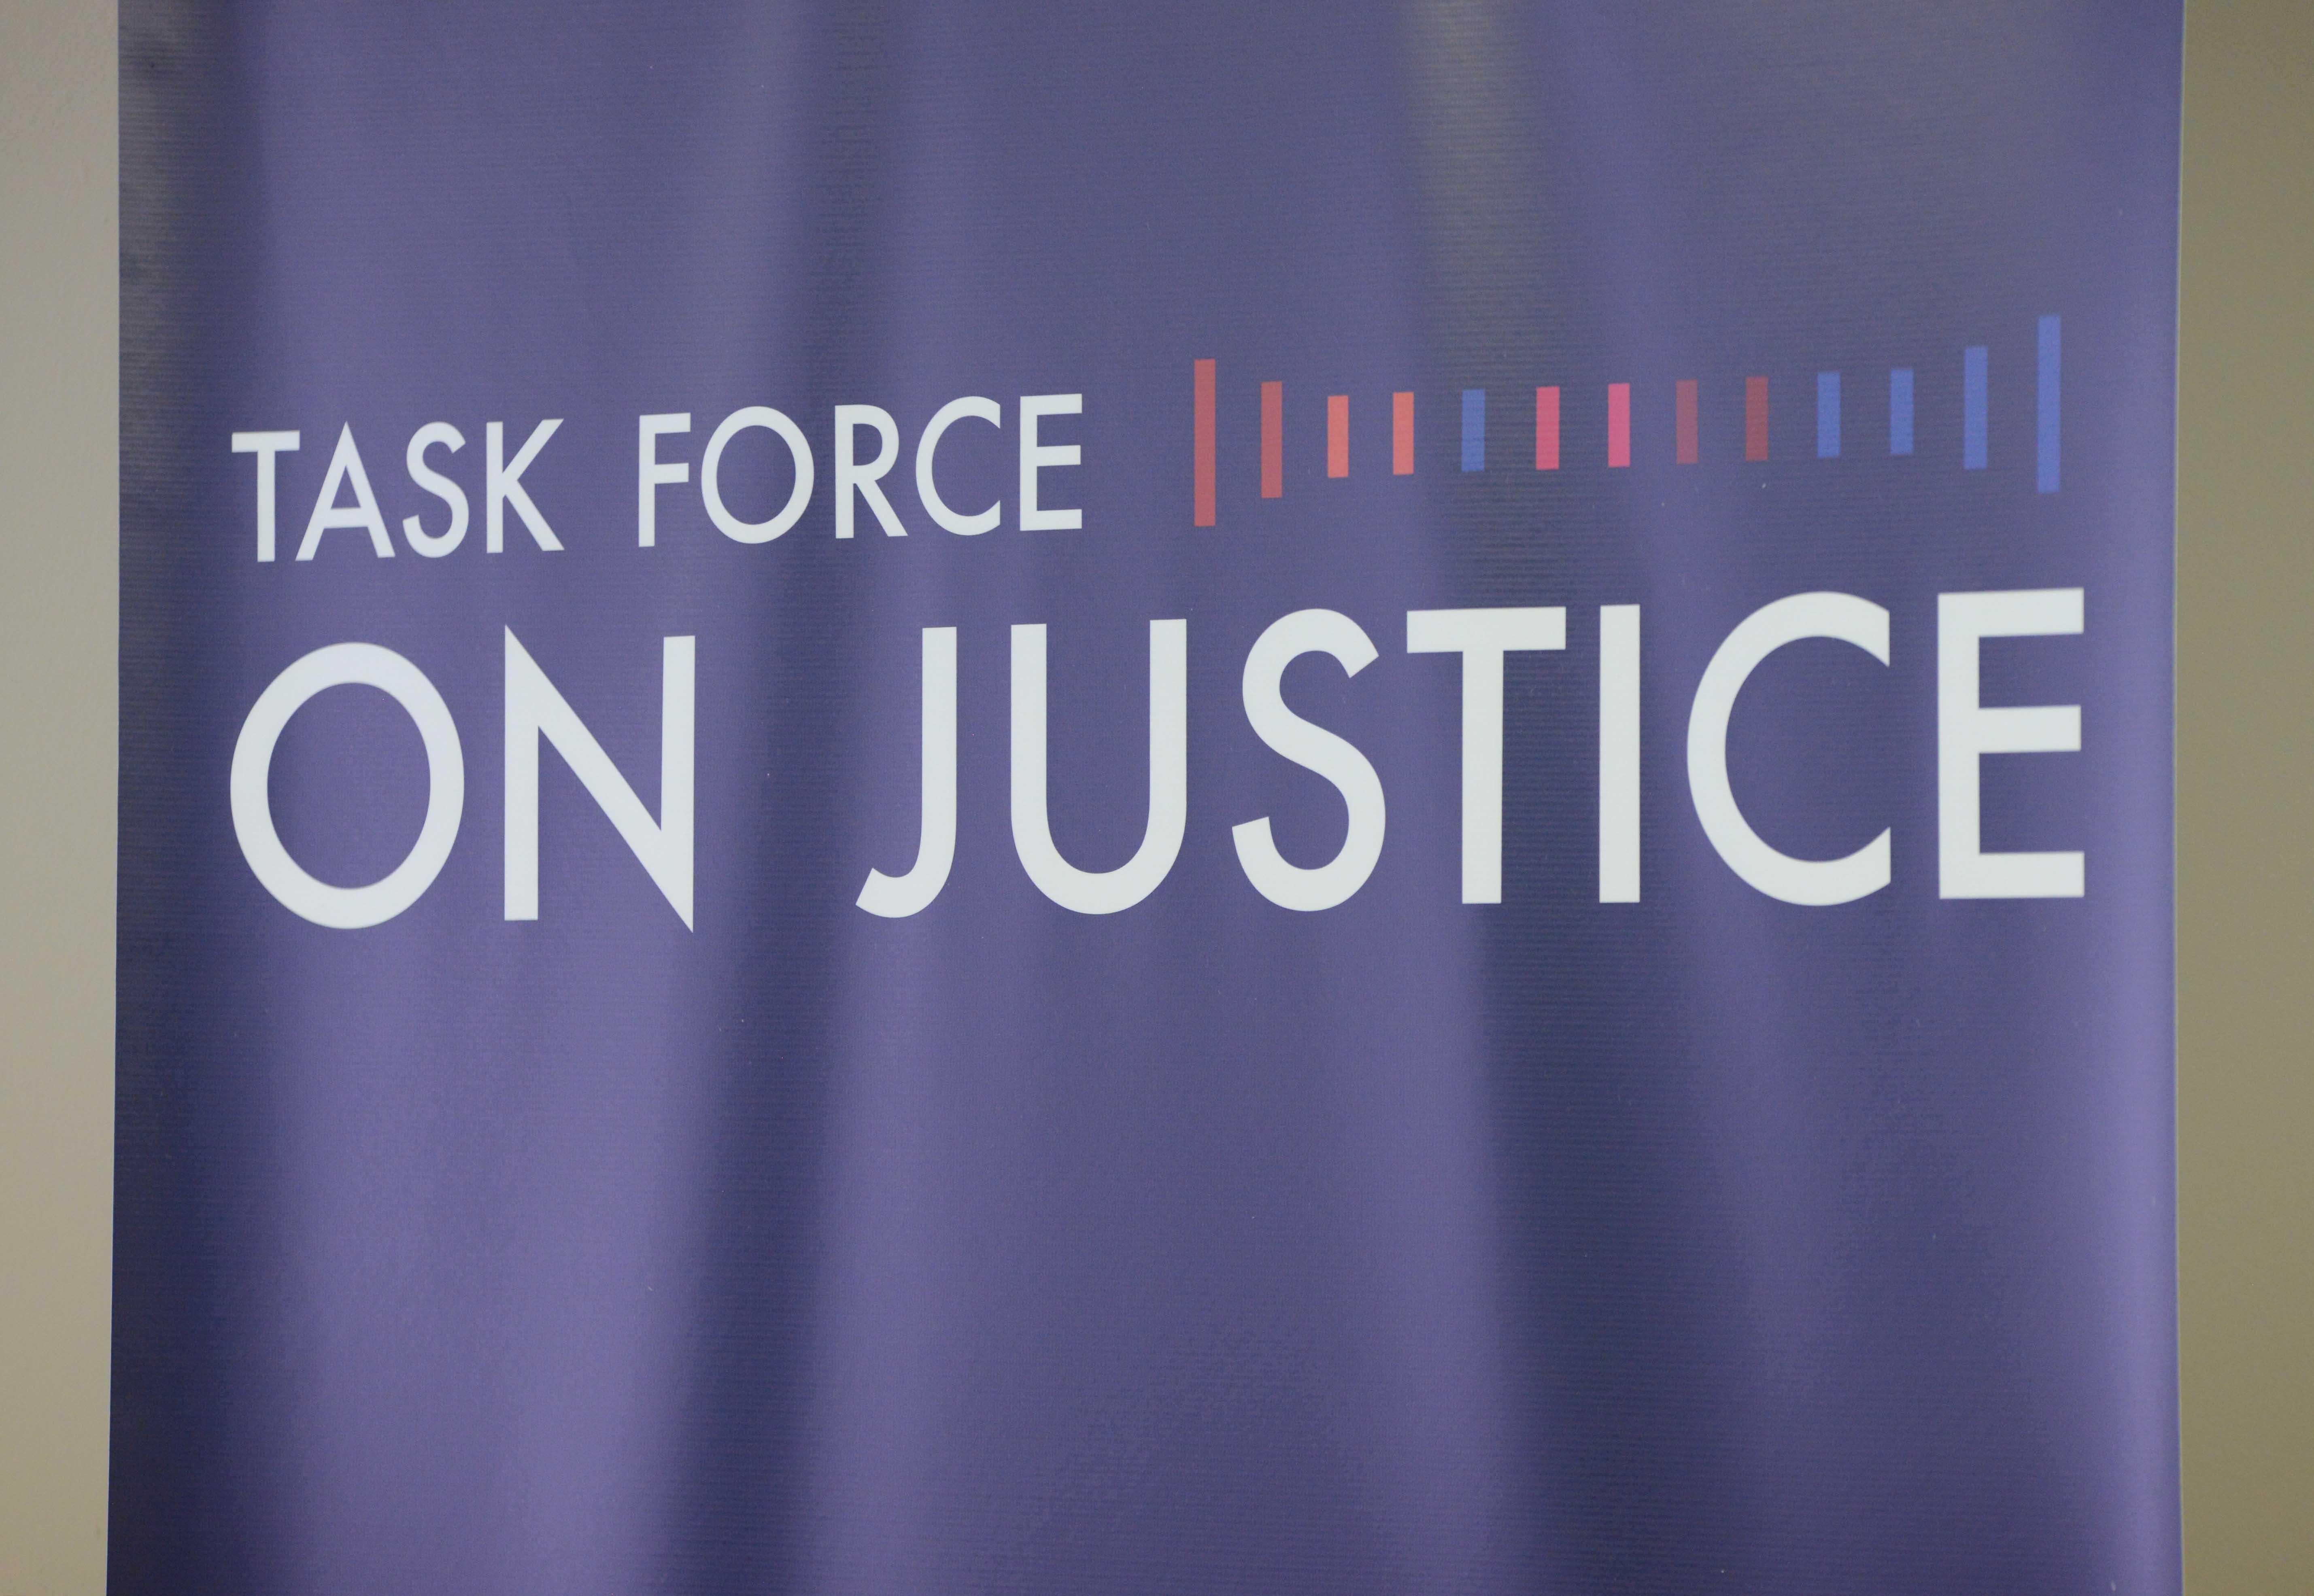 Grupo de Trabajo sobre Justicia (Task Force on Justice)